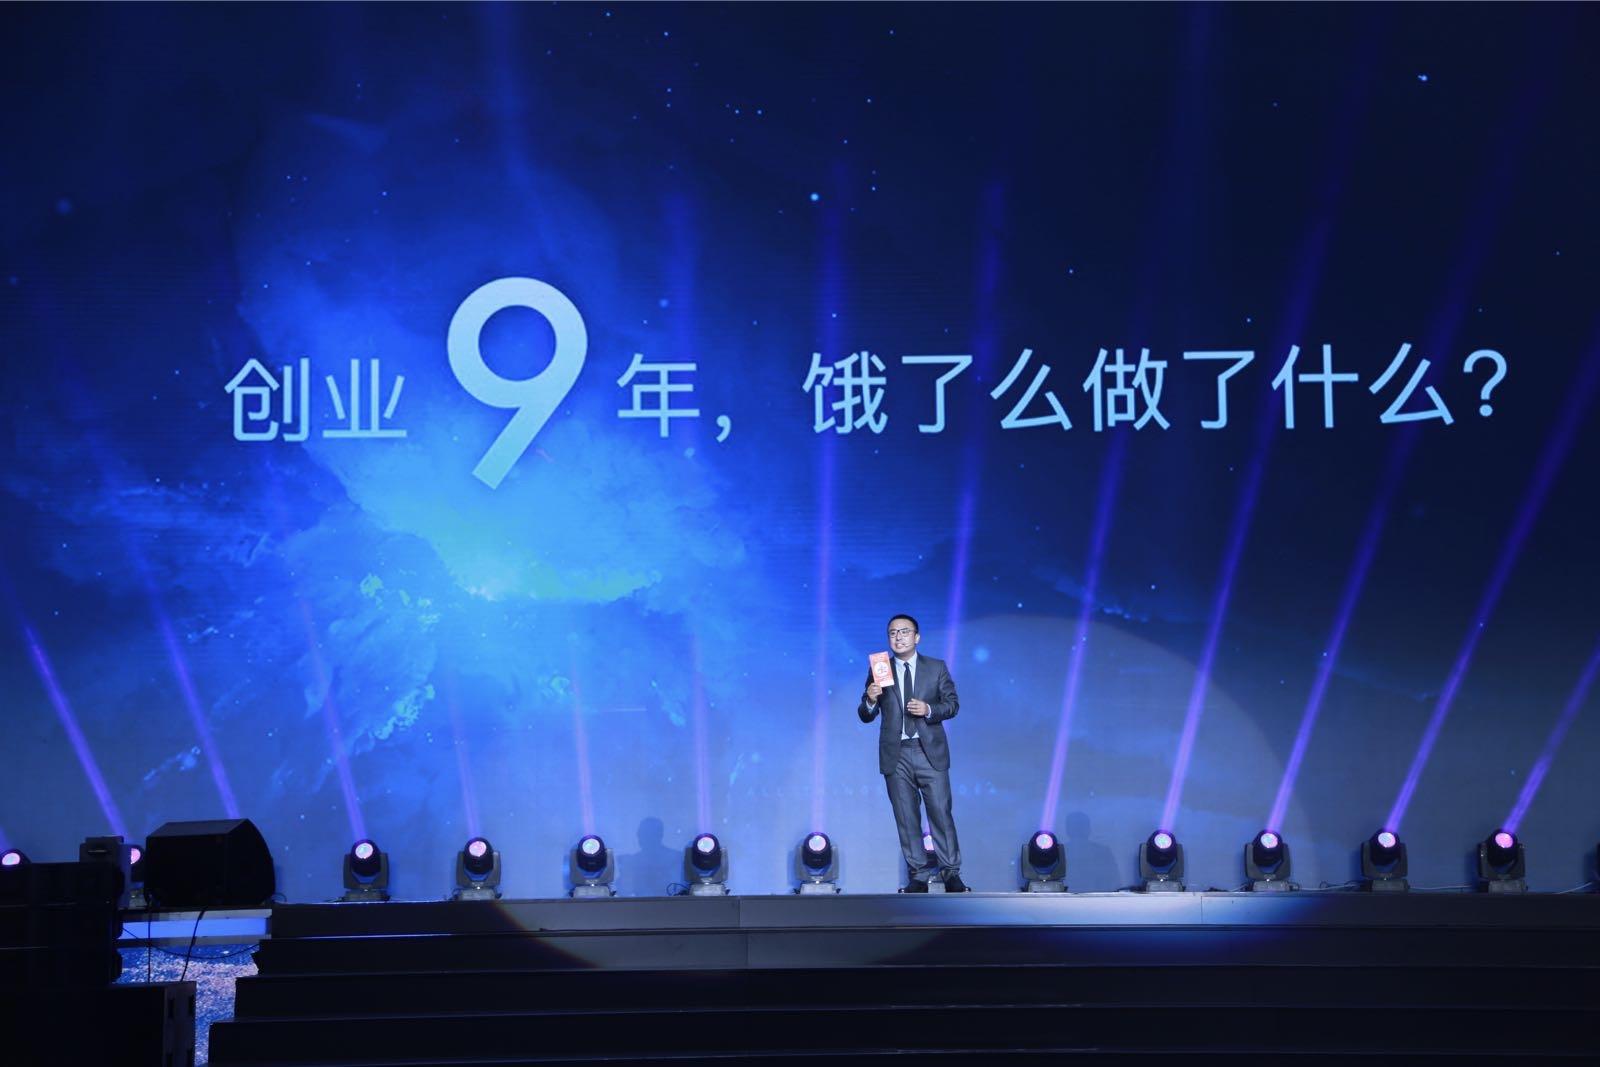 张旭豪驳斥下半场论: O2O尚有30万亿市场待渗透